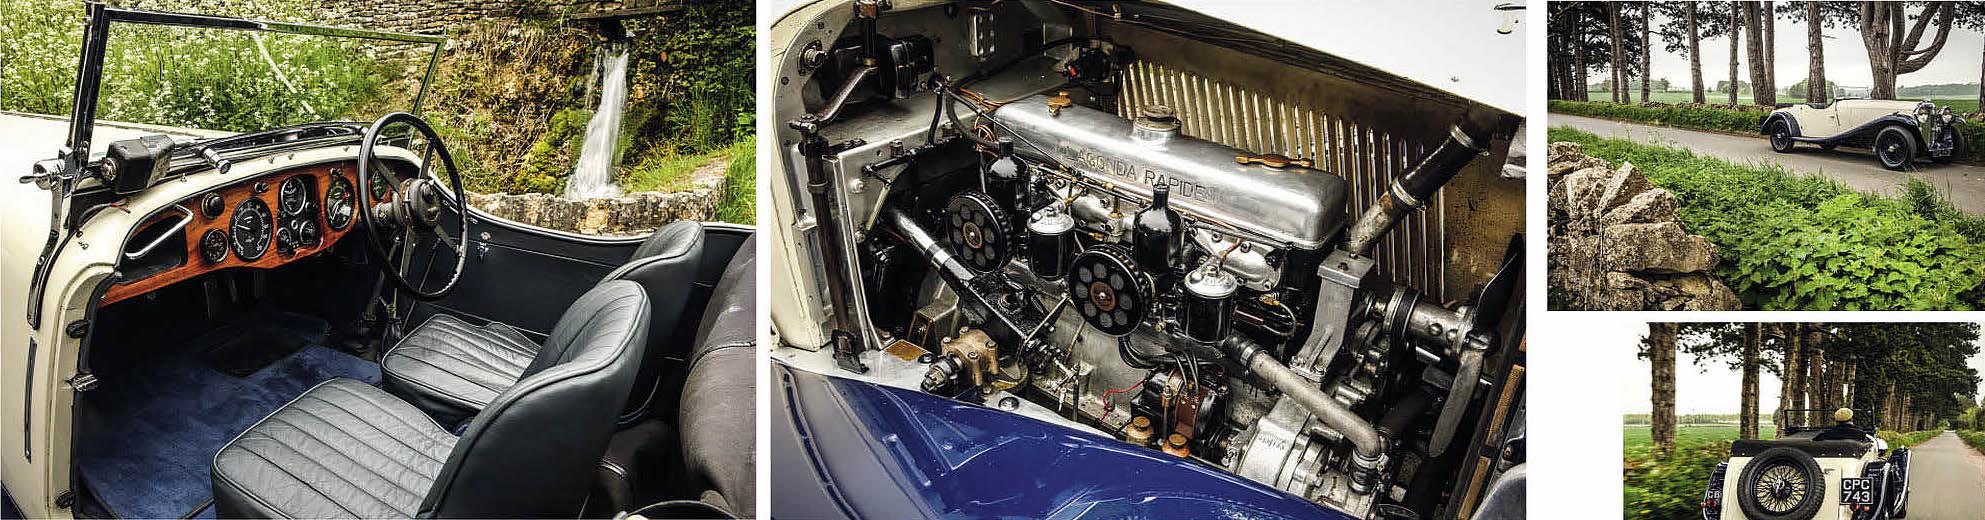 Lagonda M45 Rapide road test